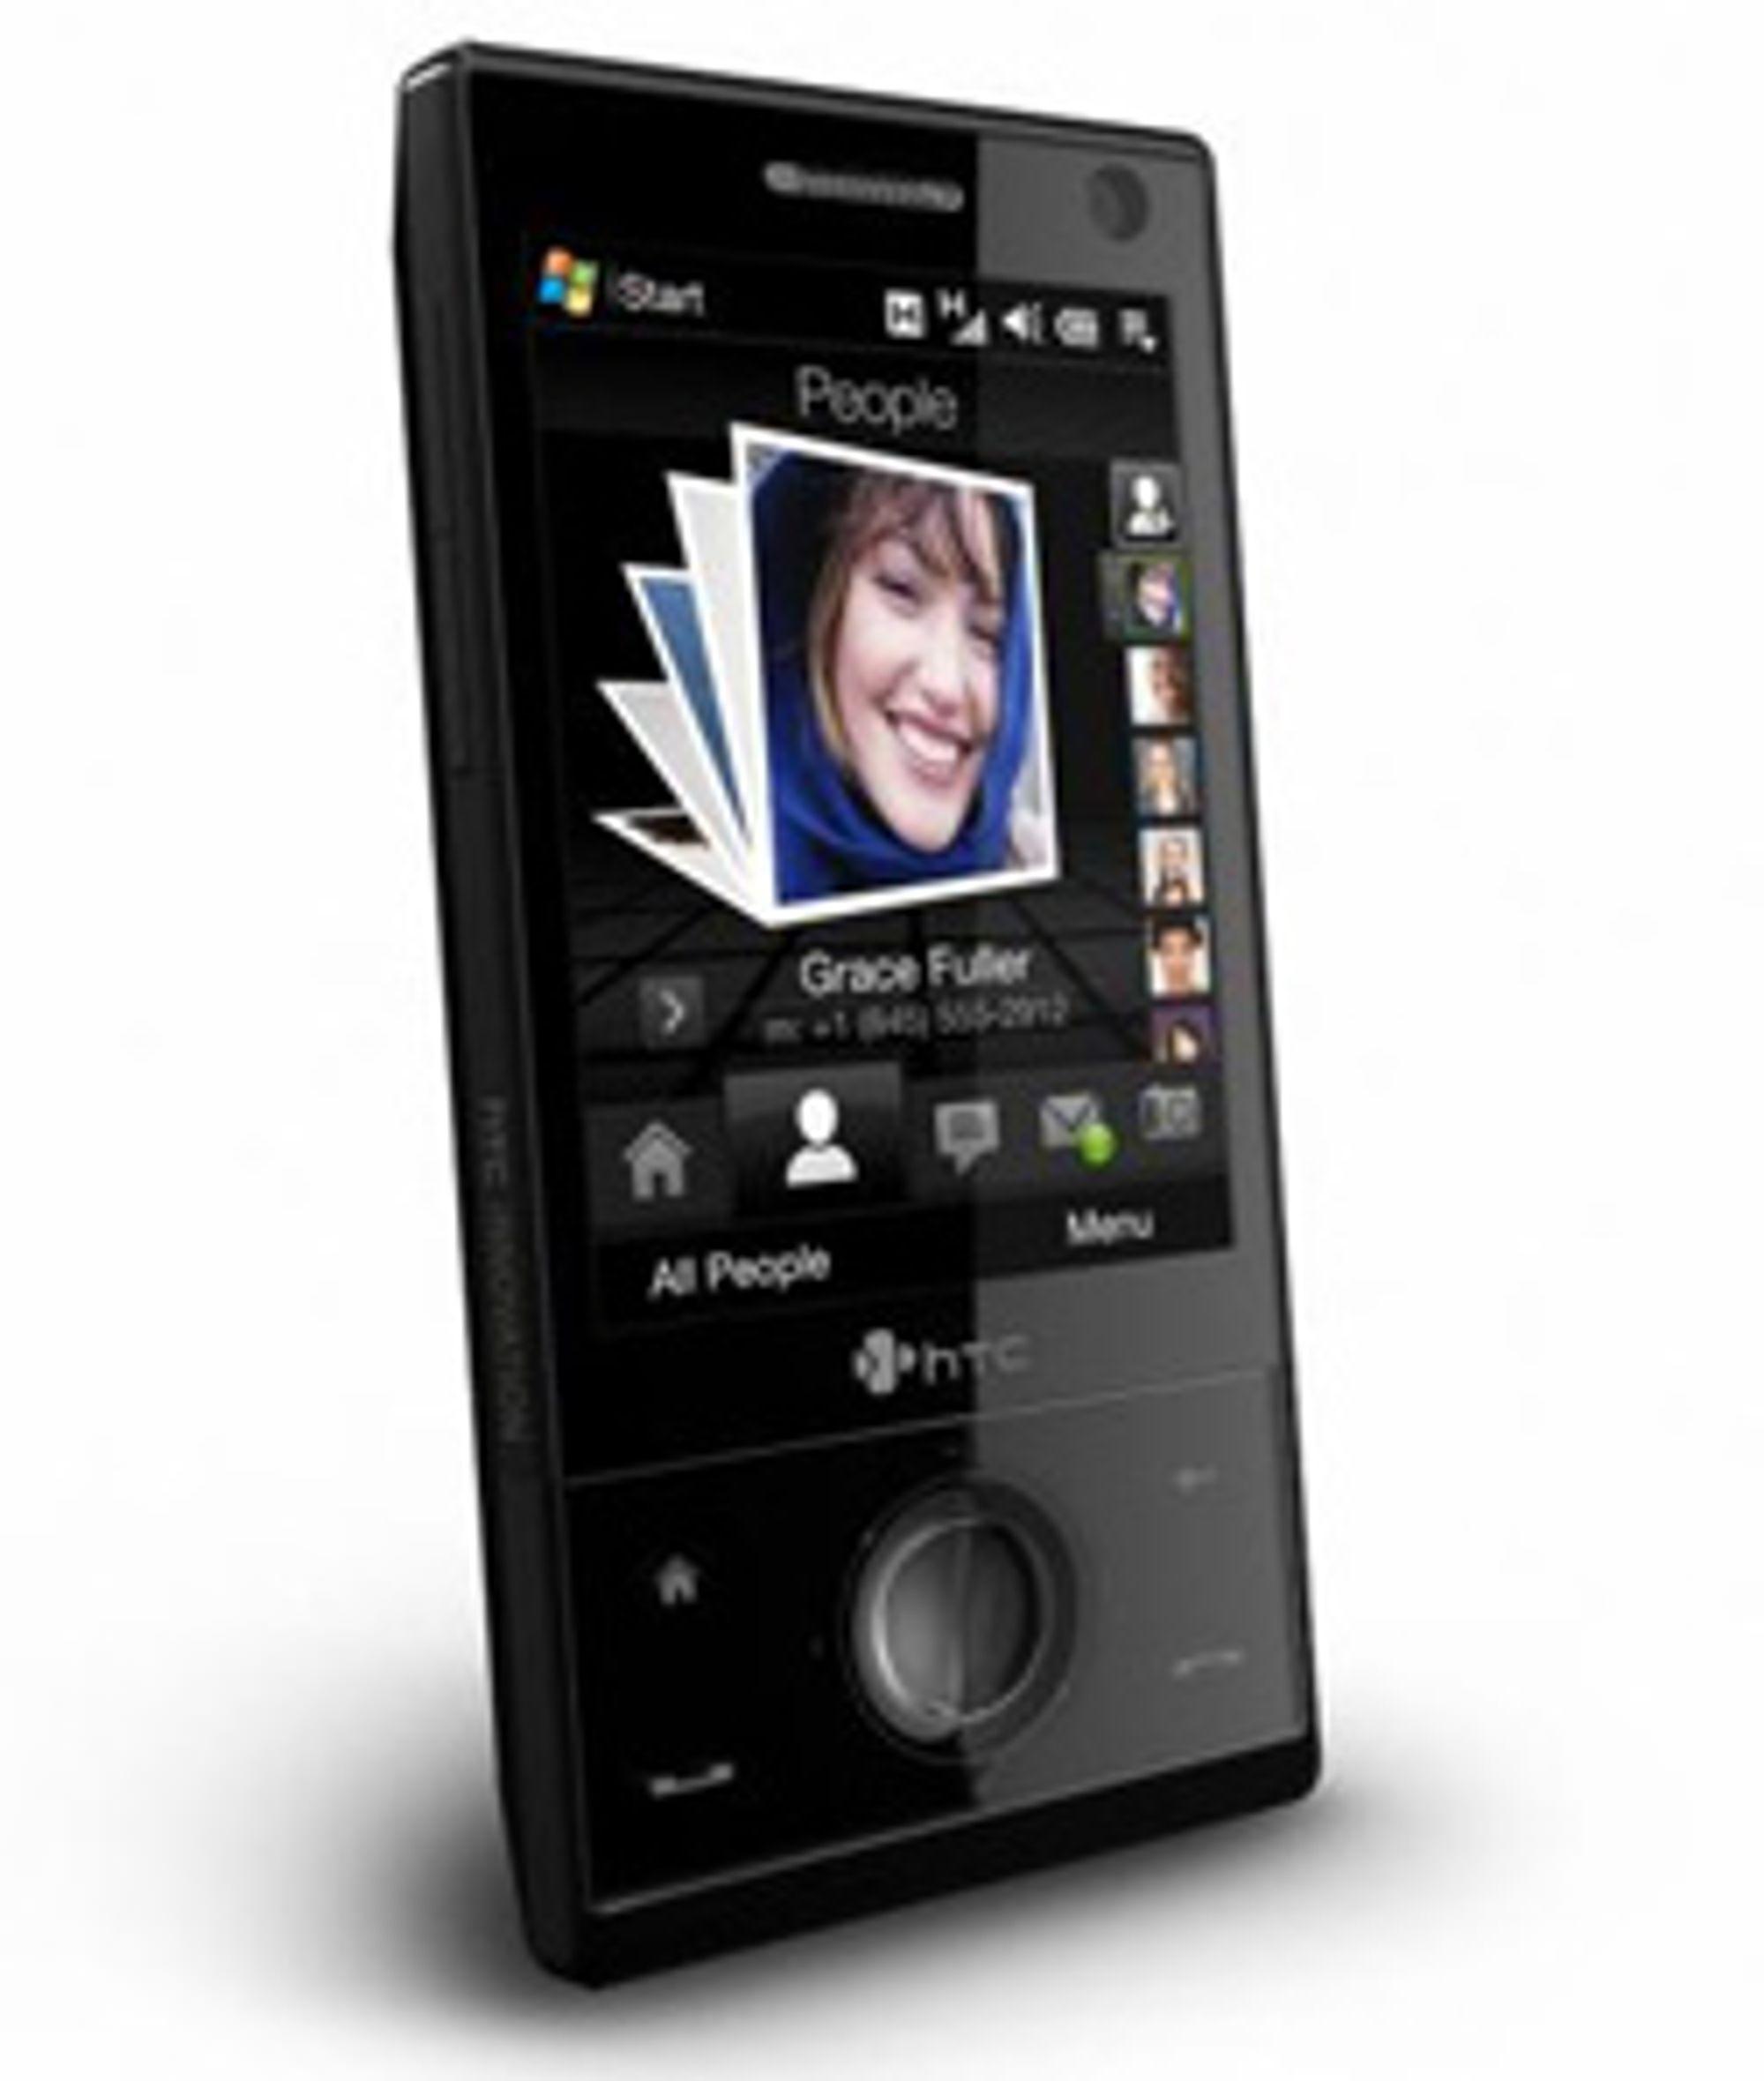 HTC rakk ikke fristene og forskjøv inntektene. (Foto: HTC)